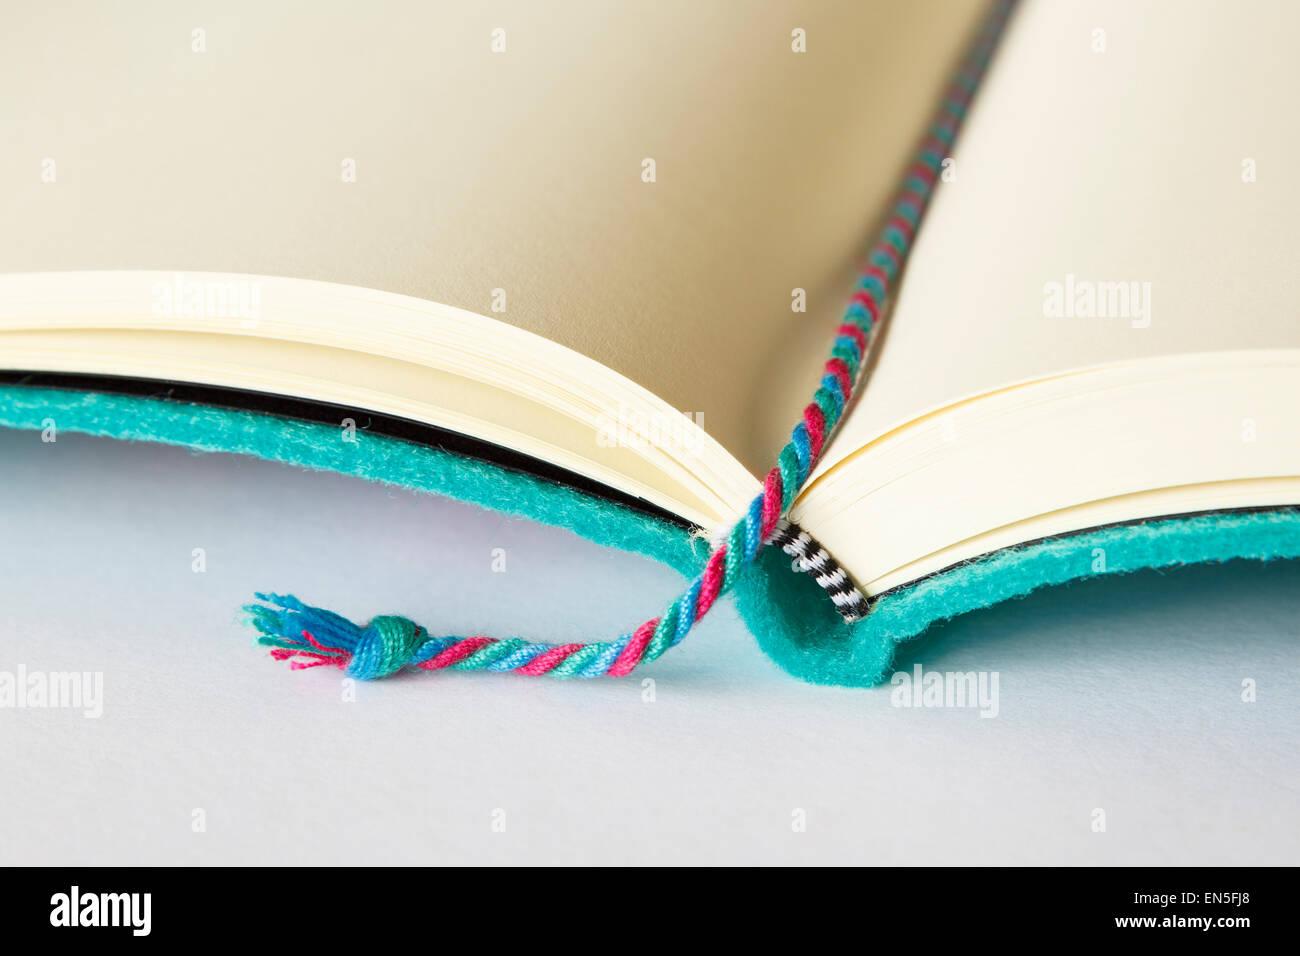 Abrir bloc de notas en blanco con un marcador marcando la página sobre una superficie plana con espacio de Imagen De Stock